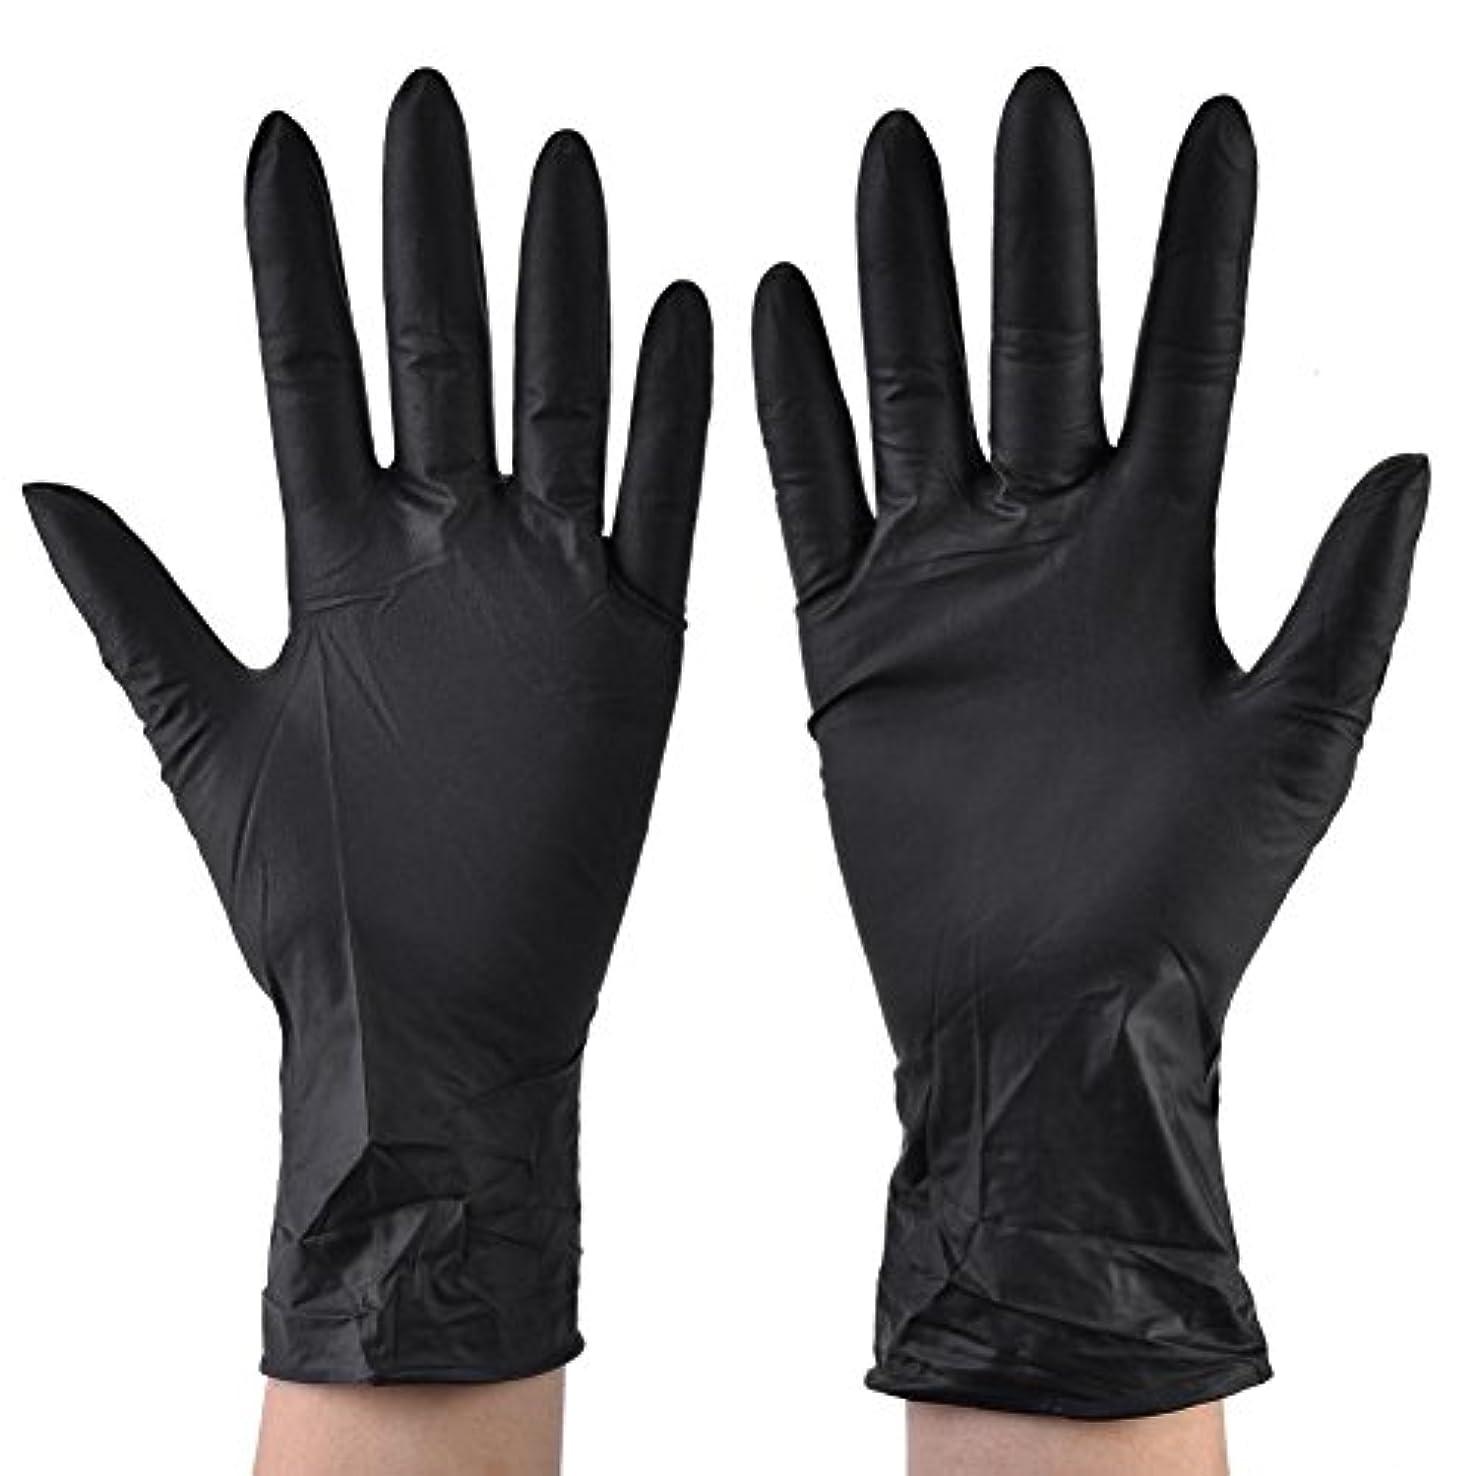 プロフェッショナル熱意芽100pcs使い捨てニトリル手袋医療グレードラテックスフリーパウダーフリーブラックラージミディアムスモールインダストリアル、医療、美容、健康(M)